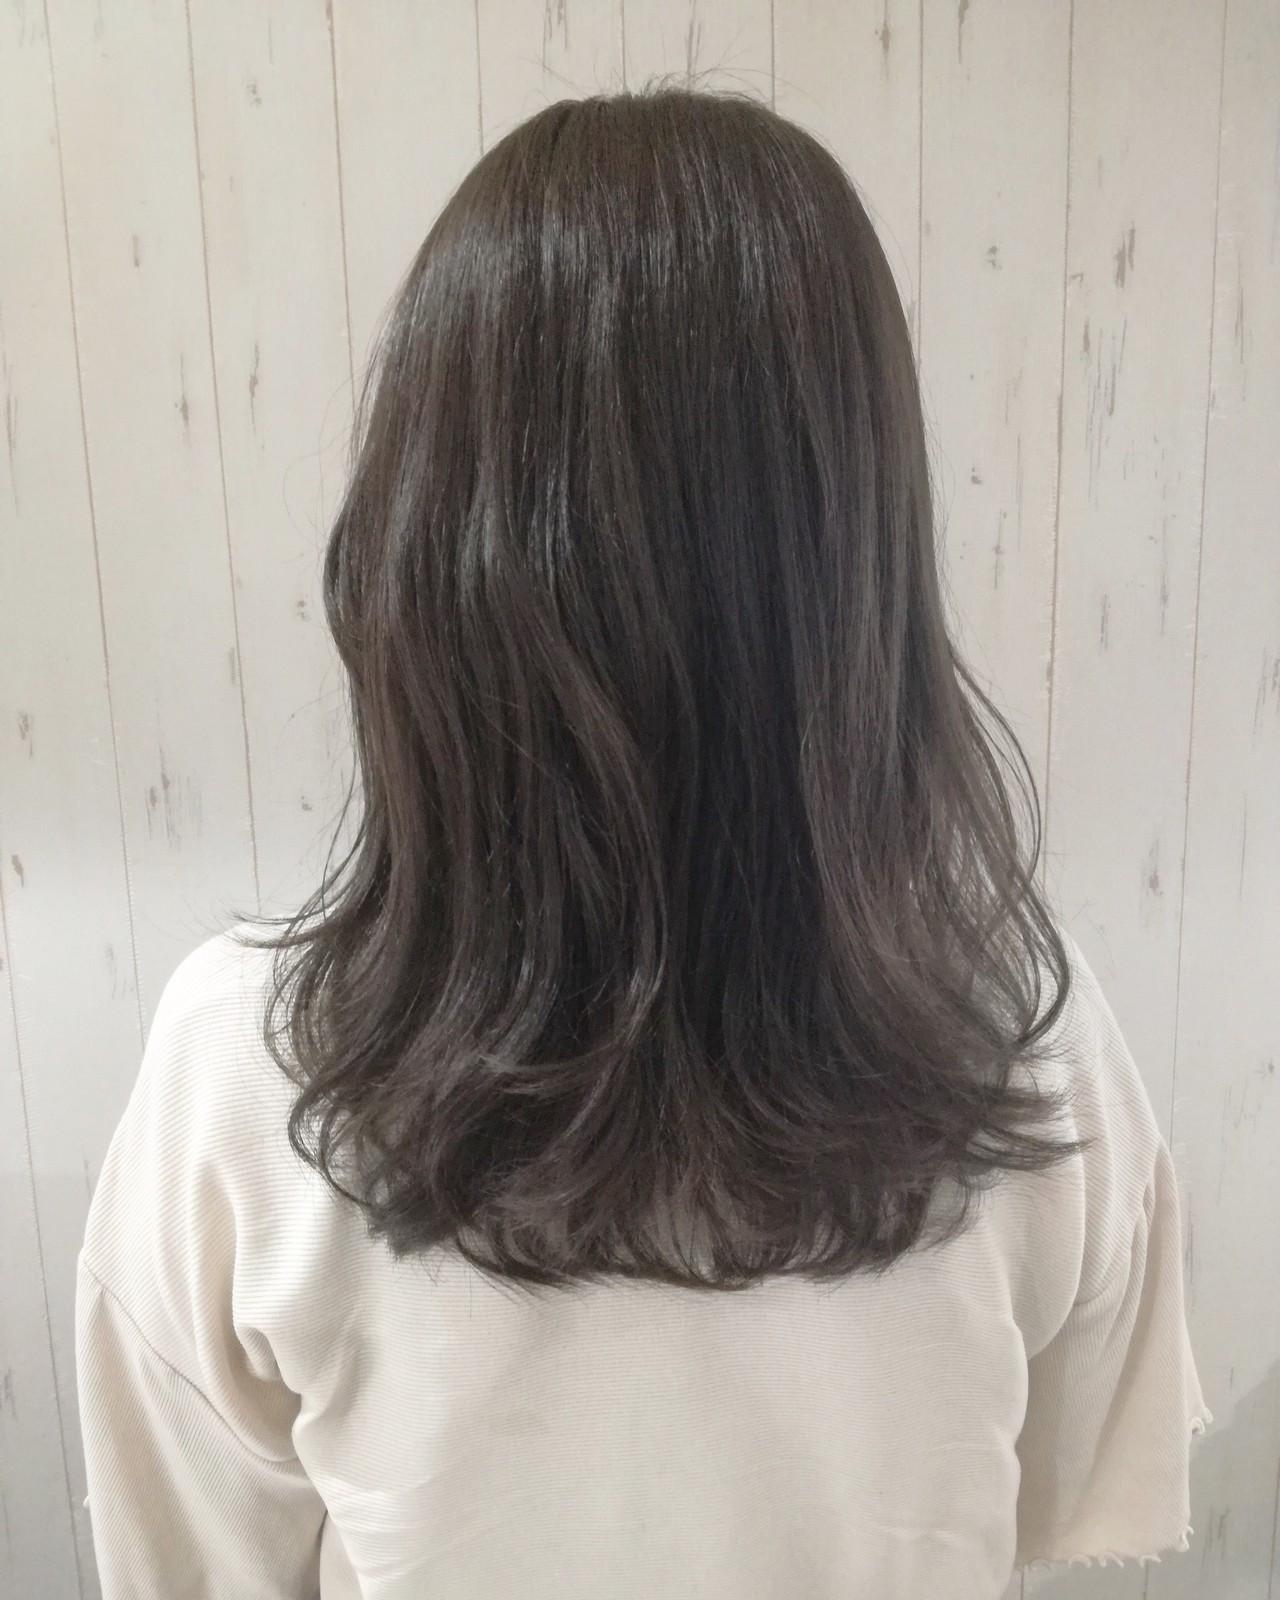 セミロング 透明感 アッシュグレージュ ナチュラル ヘアスタイルや髪型の写真・画像